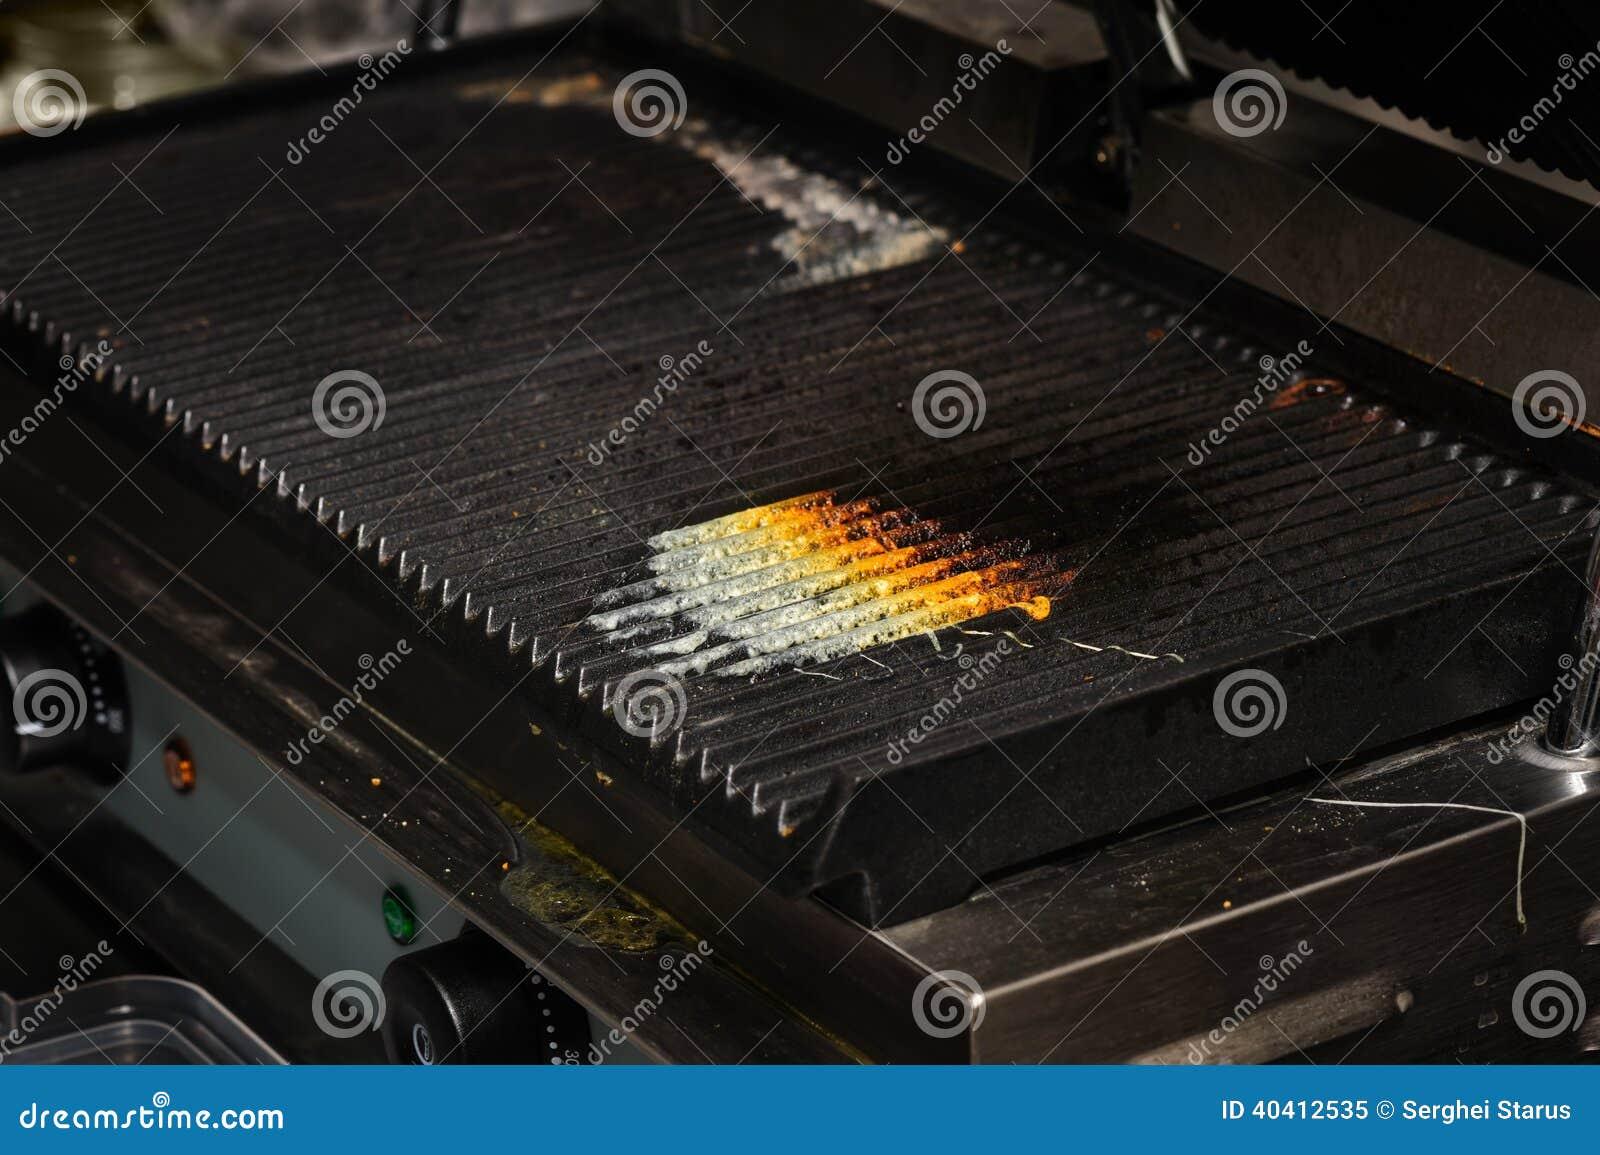 griglia sporca della cucina